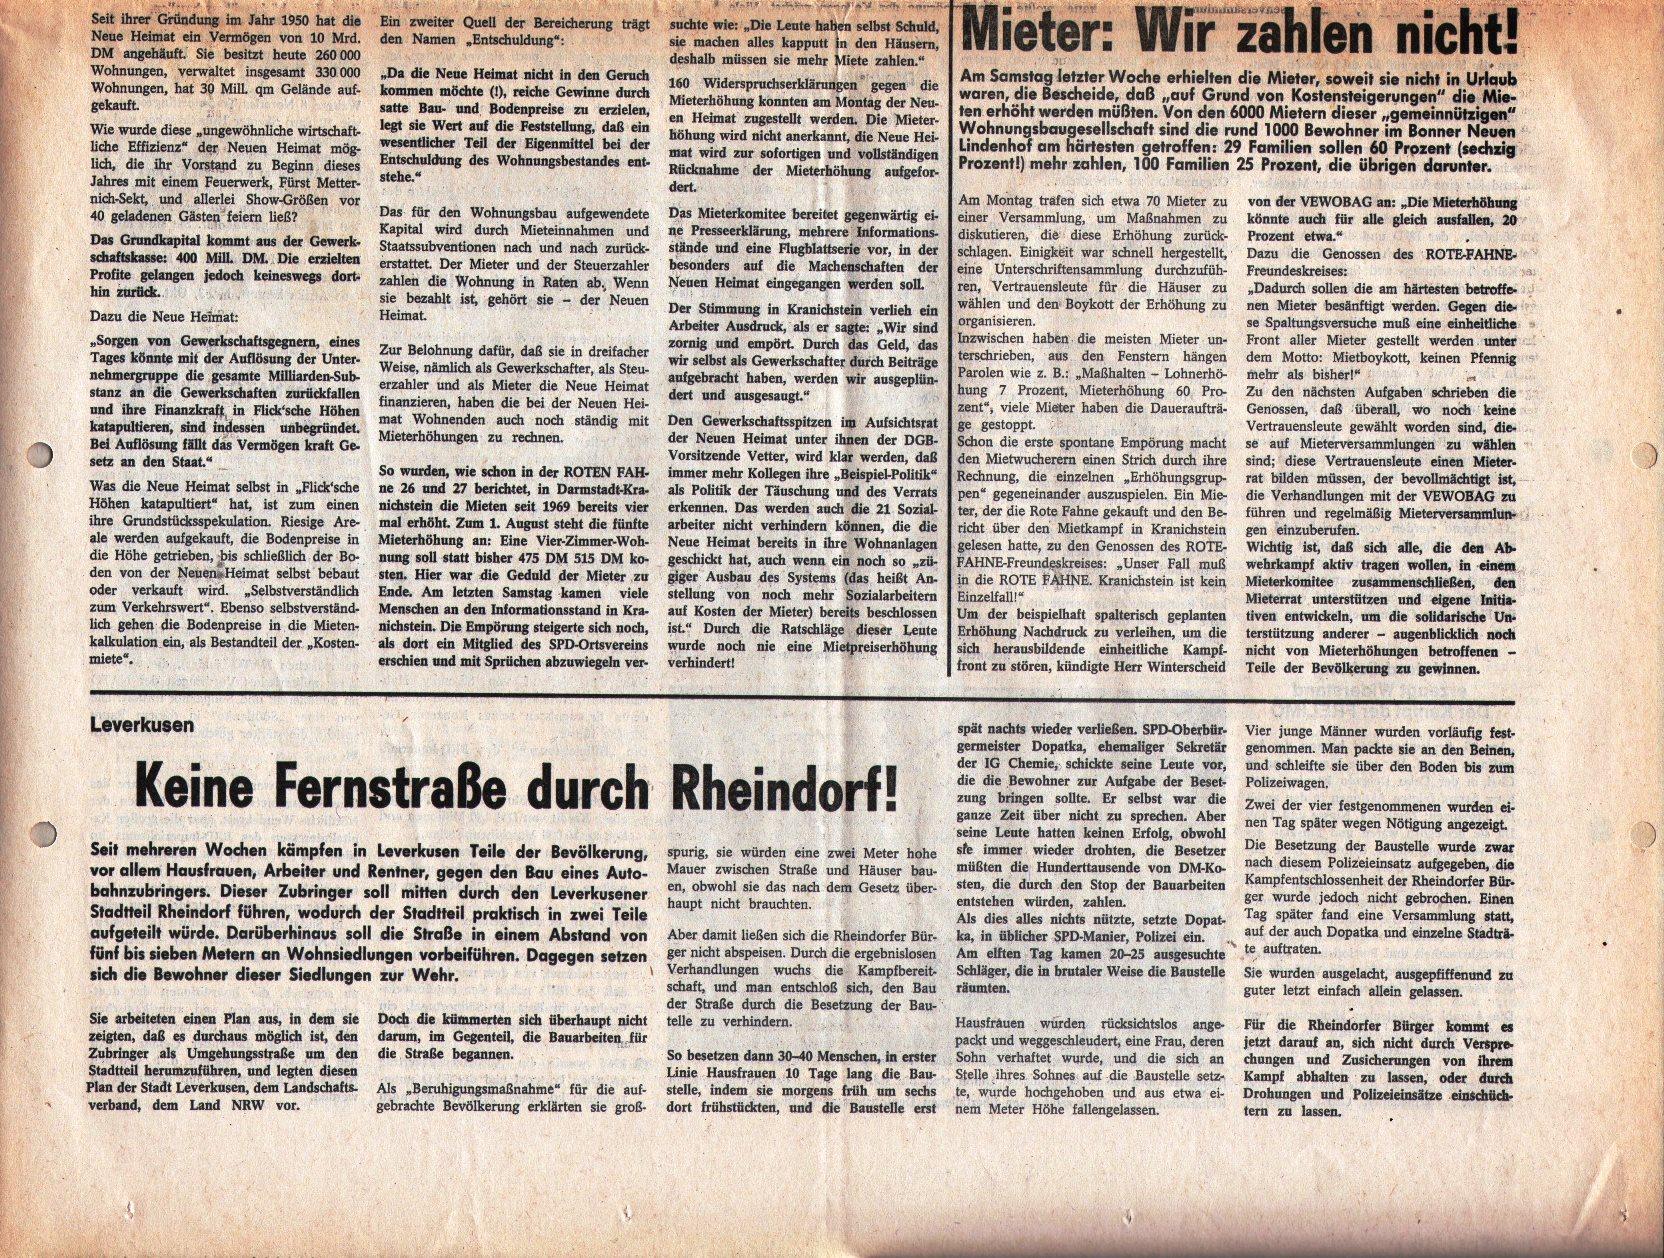 KPD_Rote_Fahne_1973_29_10